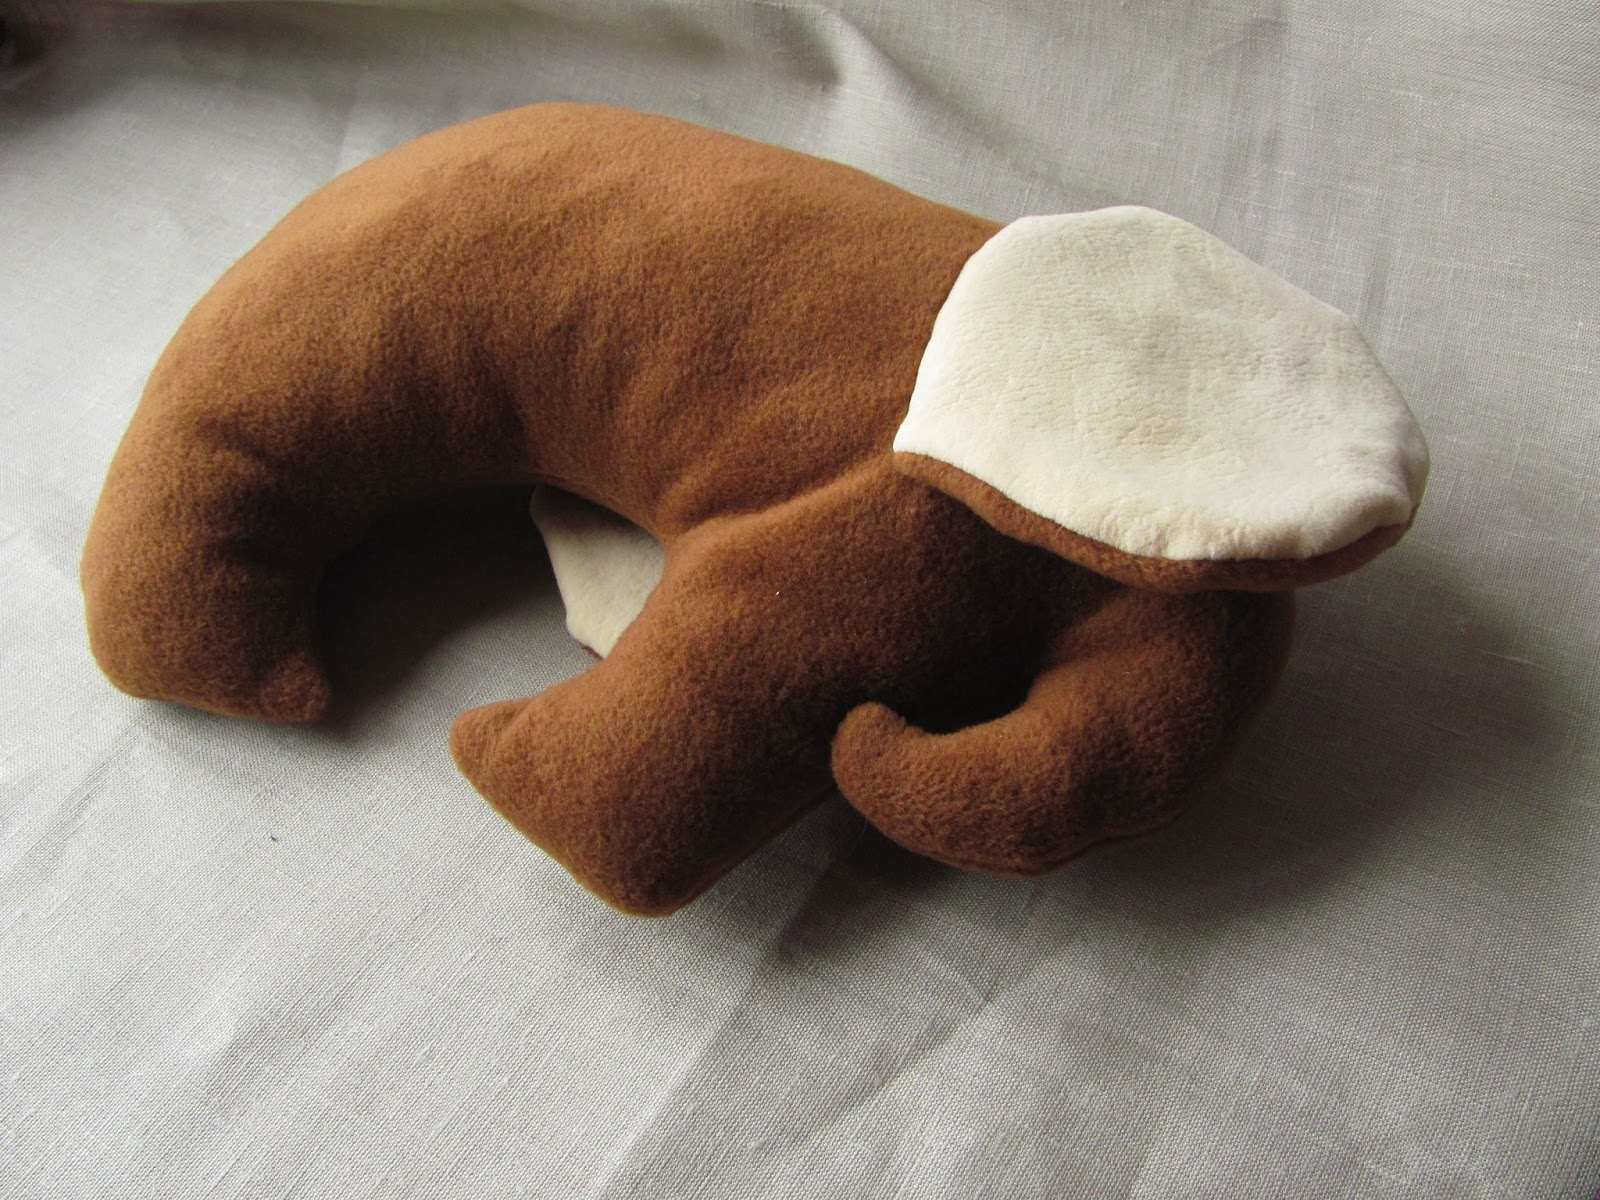 слон, подушка, слоник, подушка валик, подушка под голову подушка в форме слона, игрушка своими руками, забавный слоник,   слоник выкройка, слон пошив, игрушки из флиса, мягкая игрушка, мягкий слон, смешной слон, забавный слоник